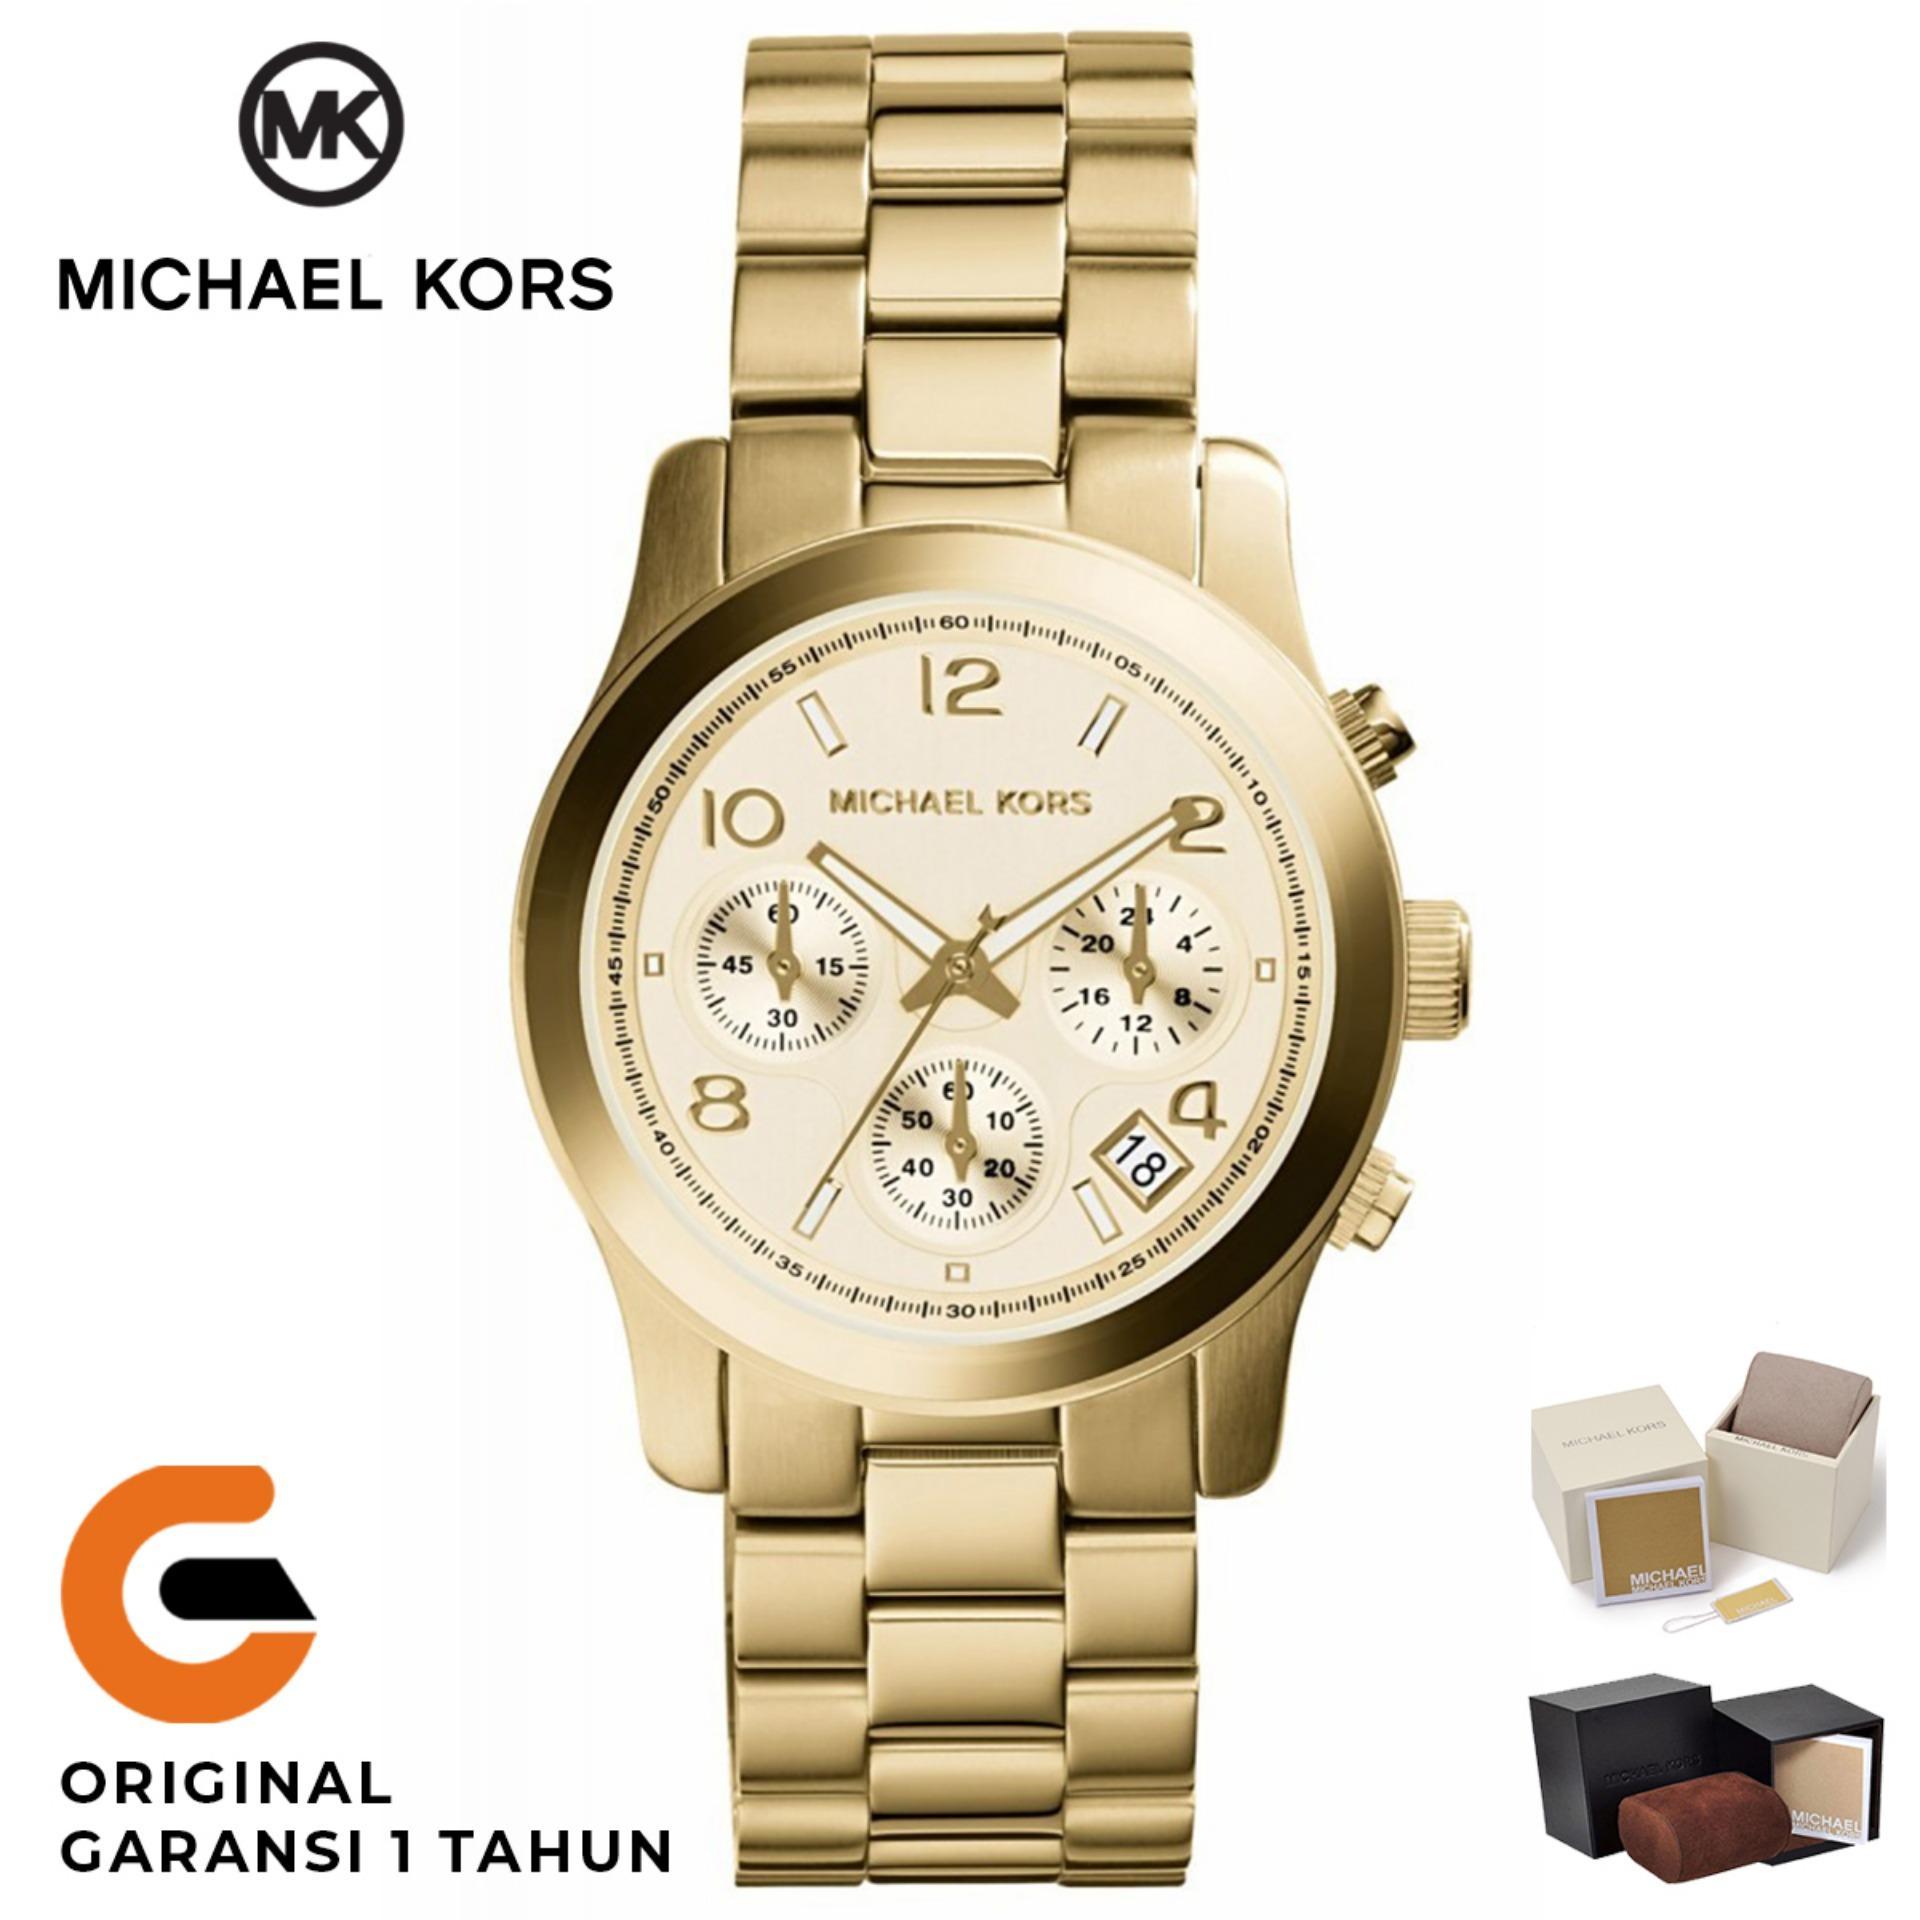 6554d40d26b Michael Kors Watch Original Jam Tangan Wanita Michael Kors Runway MK5662  Tali Rantai Stainless Strap Dial